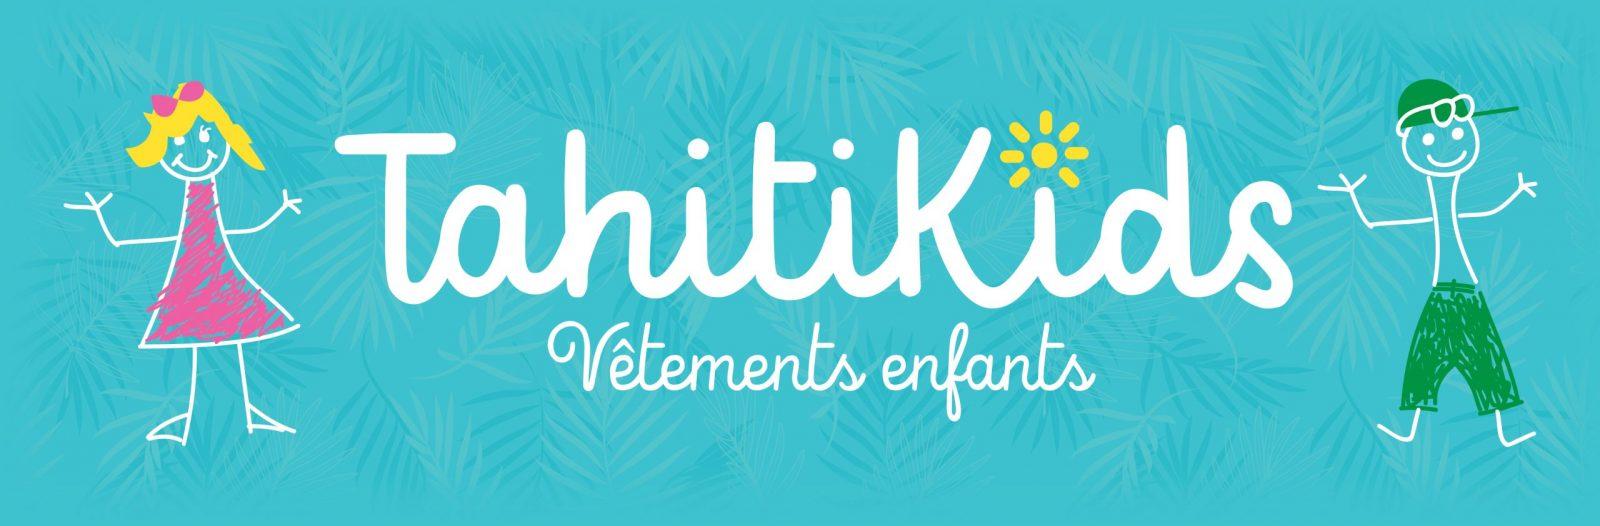 Tahiti-Kids-Vetement-enfant-fille-garçon-bébé-polynésie-française-adolescent